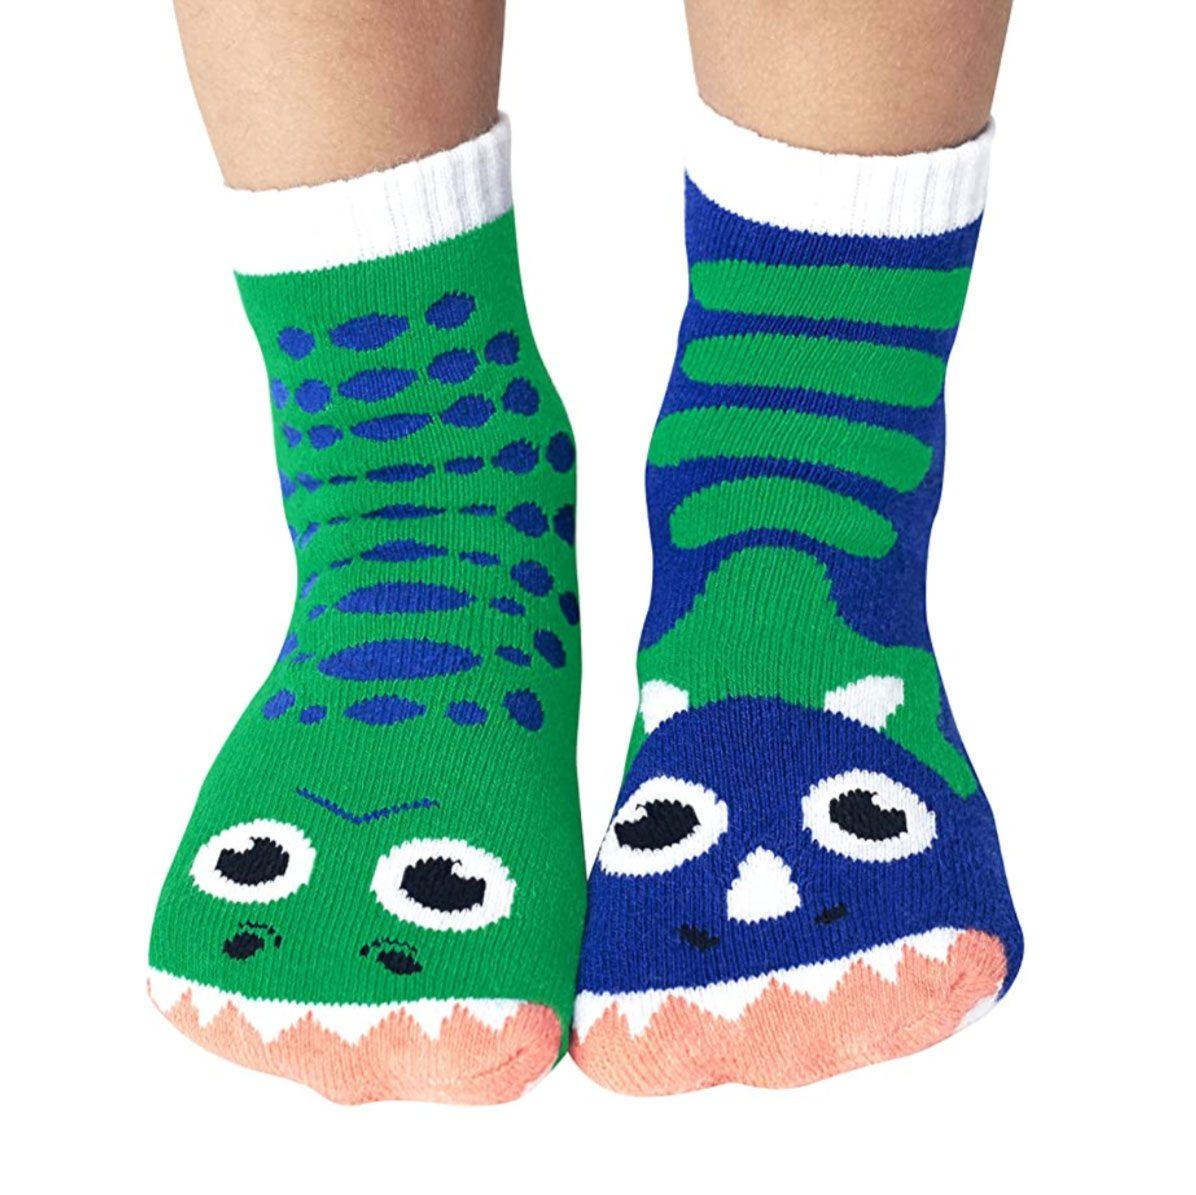 pal socks